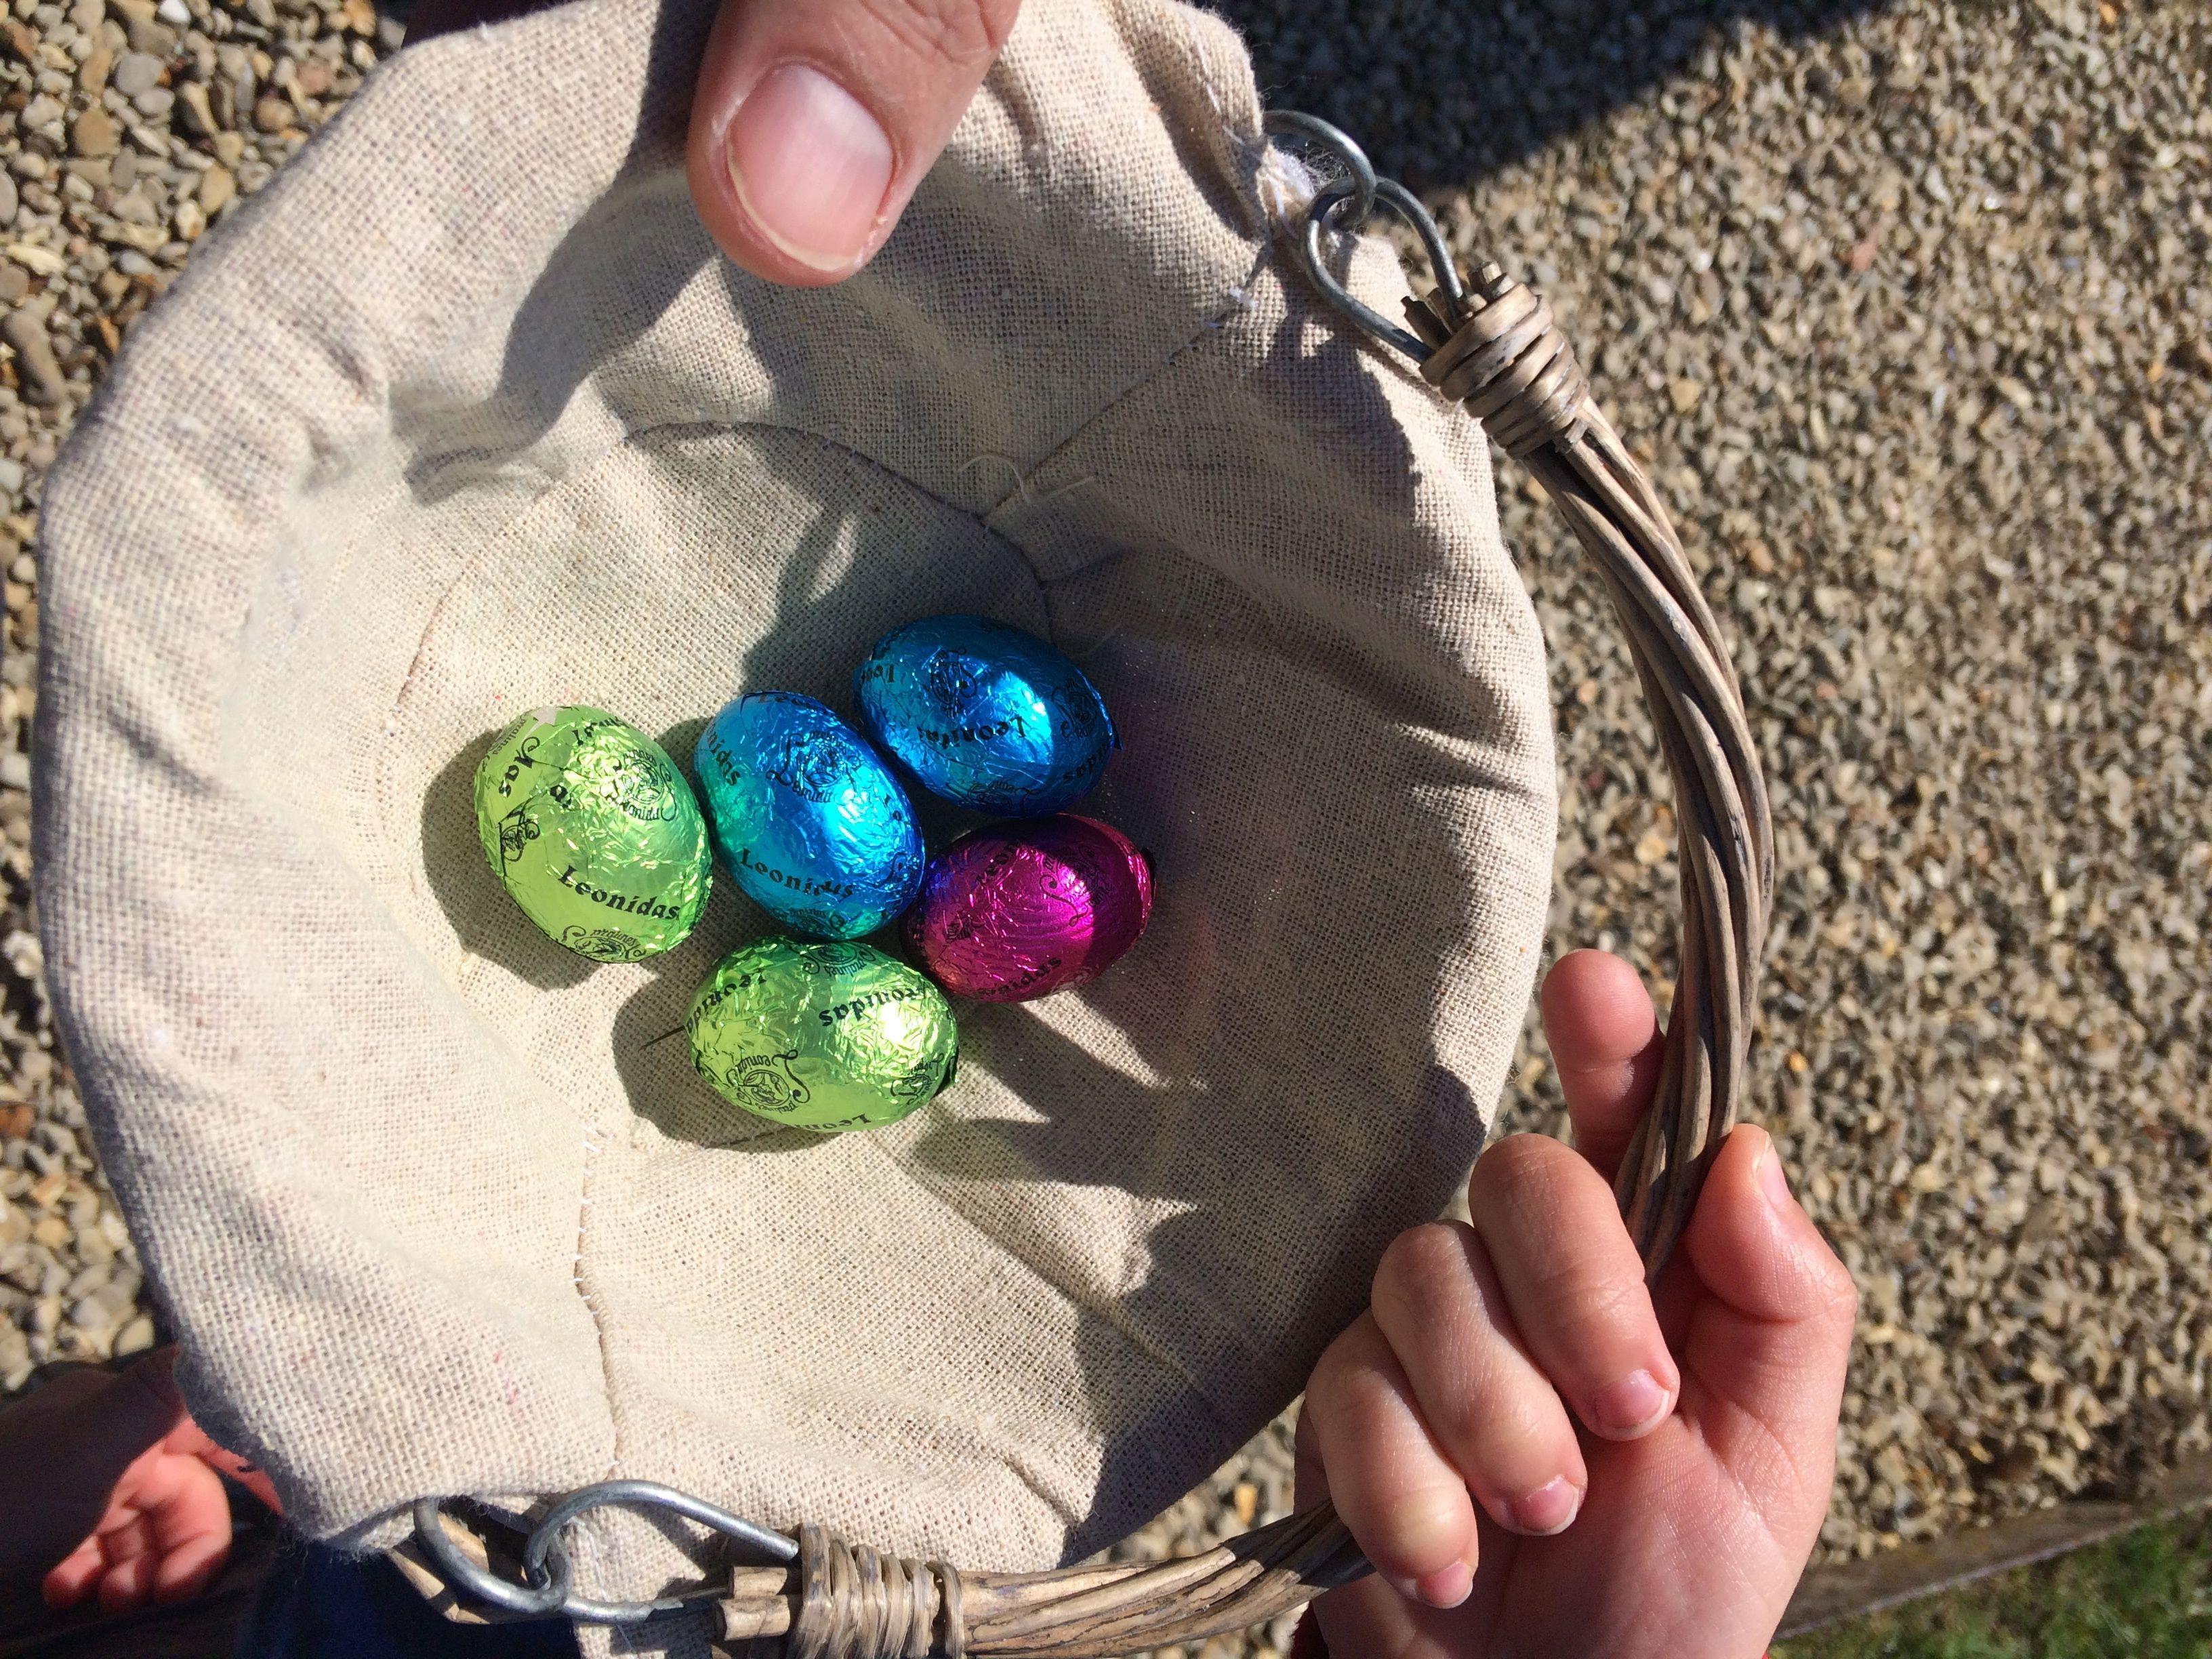 Chasse aux oeufs Pâques